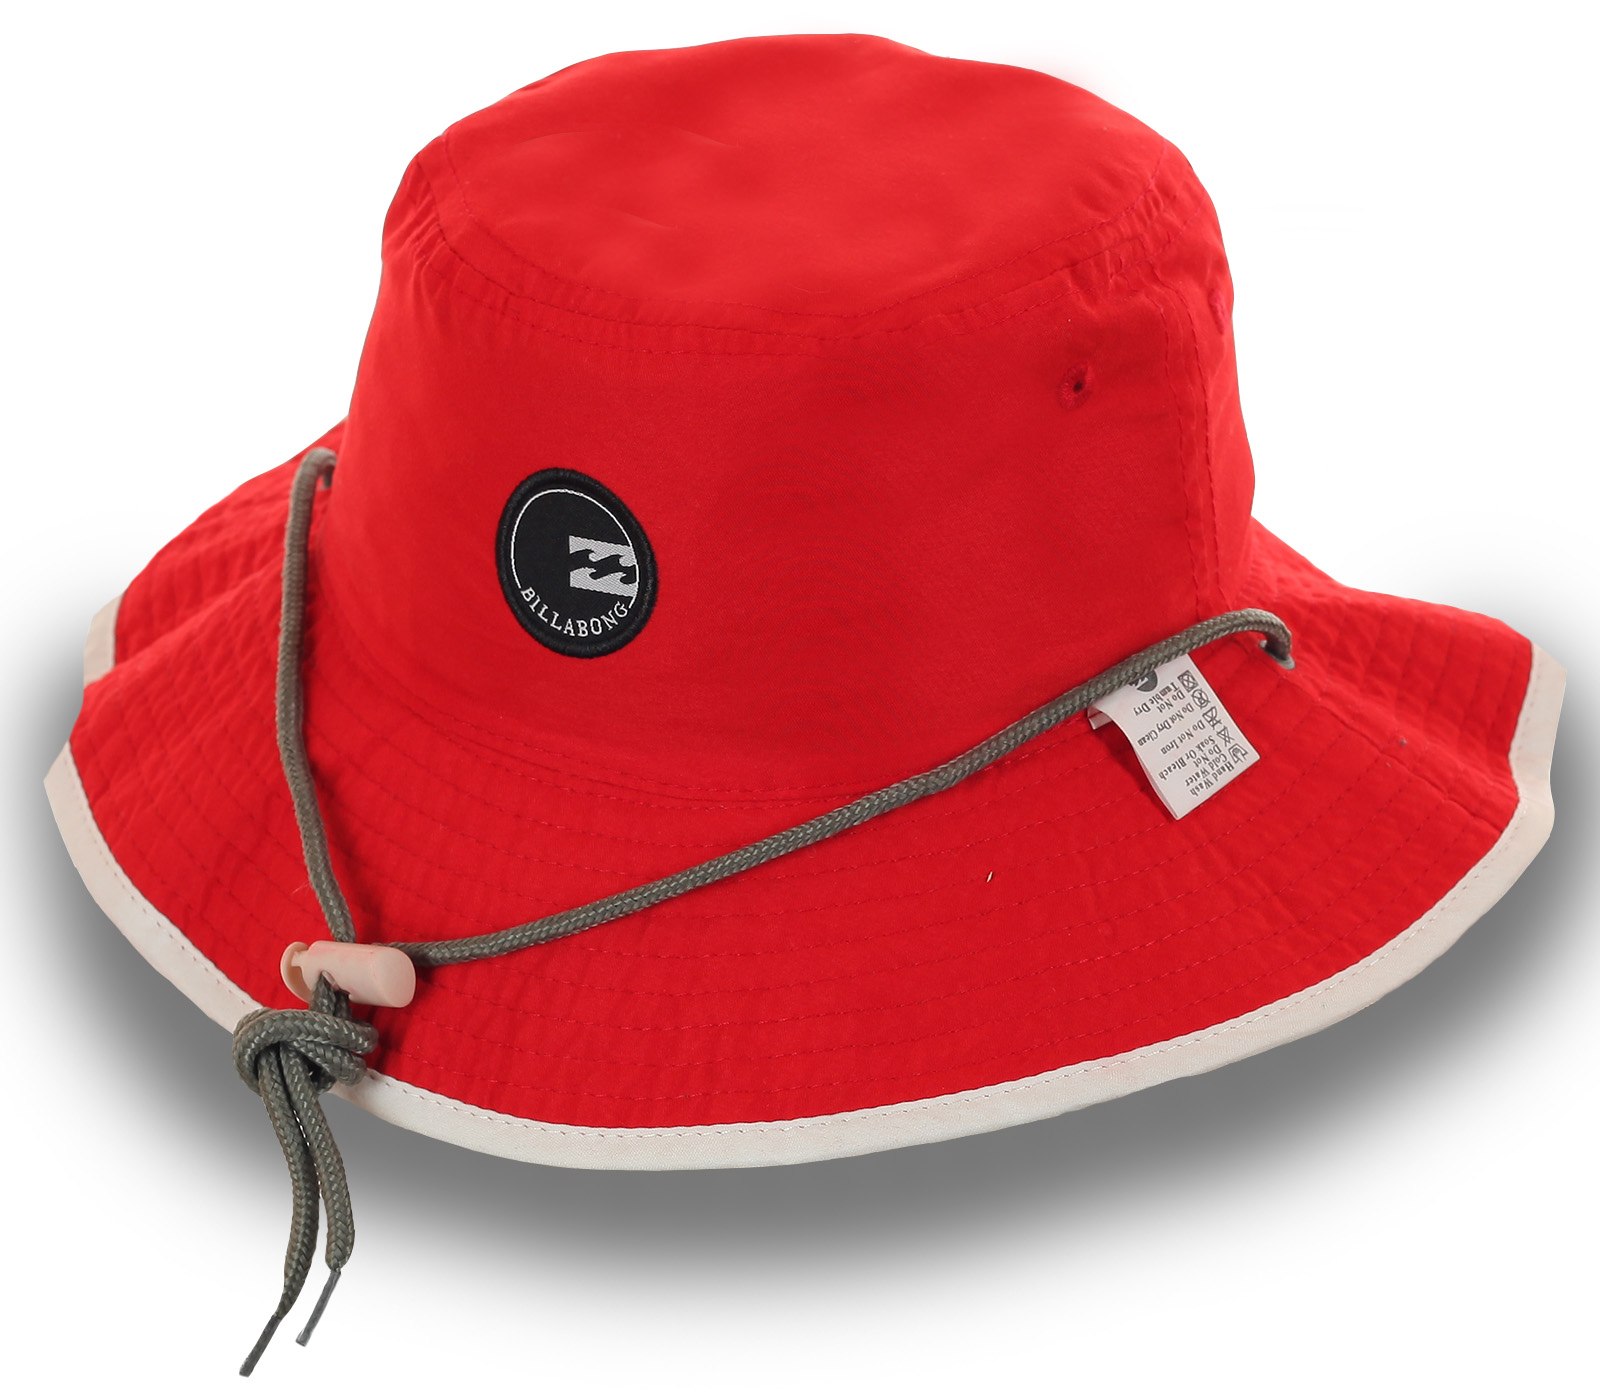 Заказать панамку красного цвета с широкими полями